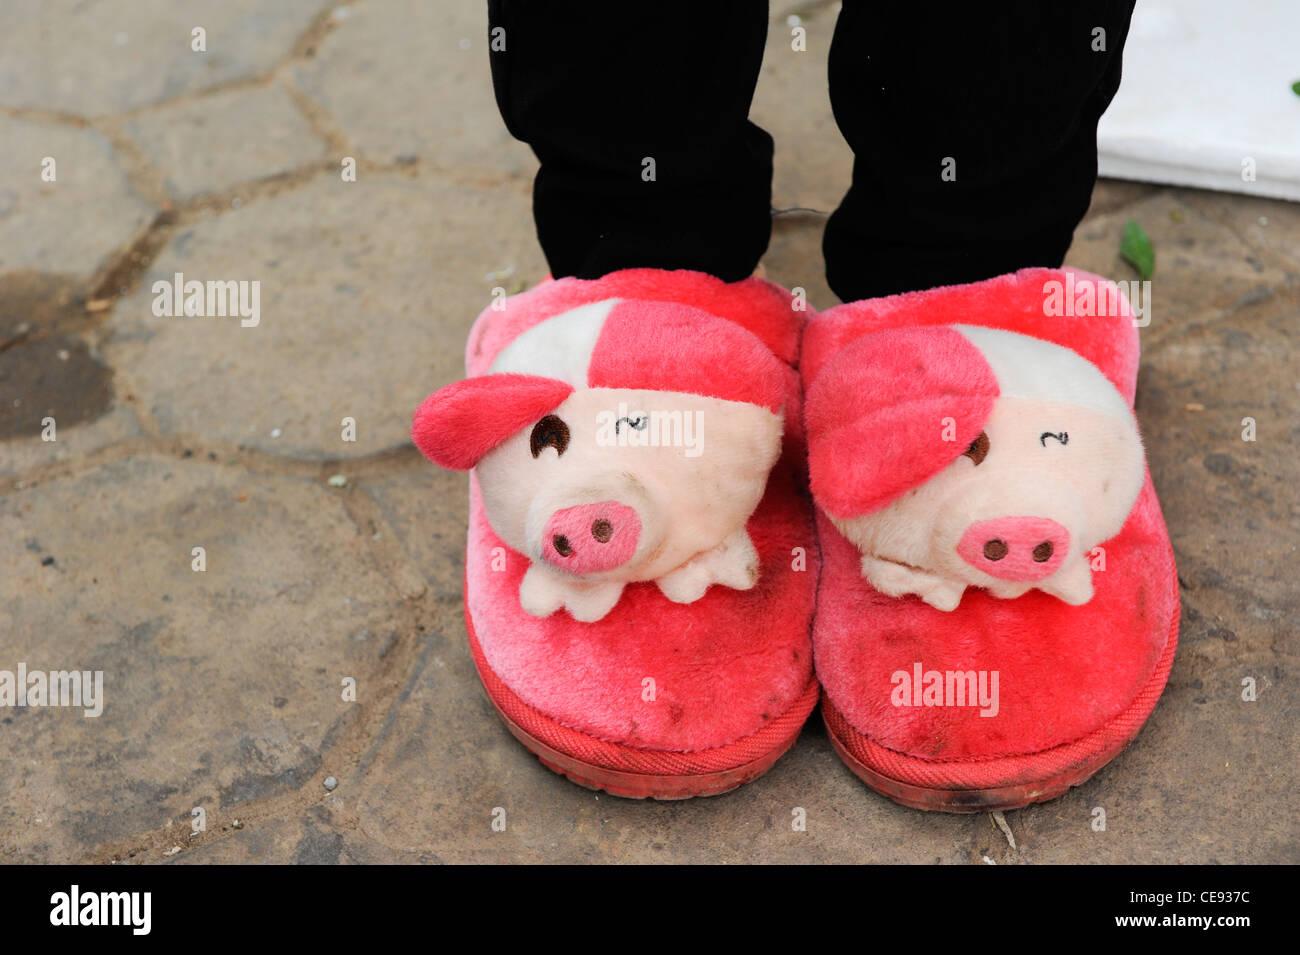 Asie Laos, d'Oudomxay négociant fruits chinois avec funny plush slipper avec deux tête de cochon Photo Stock